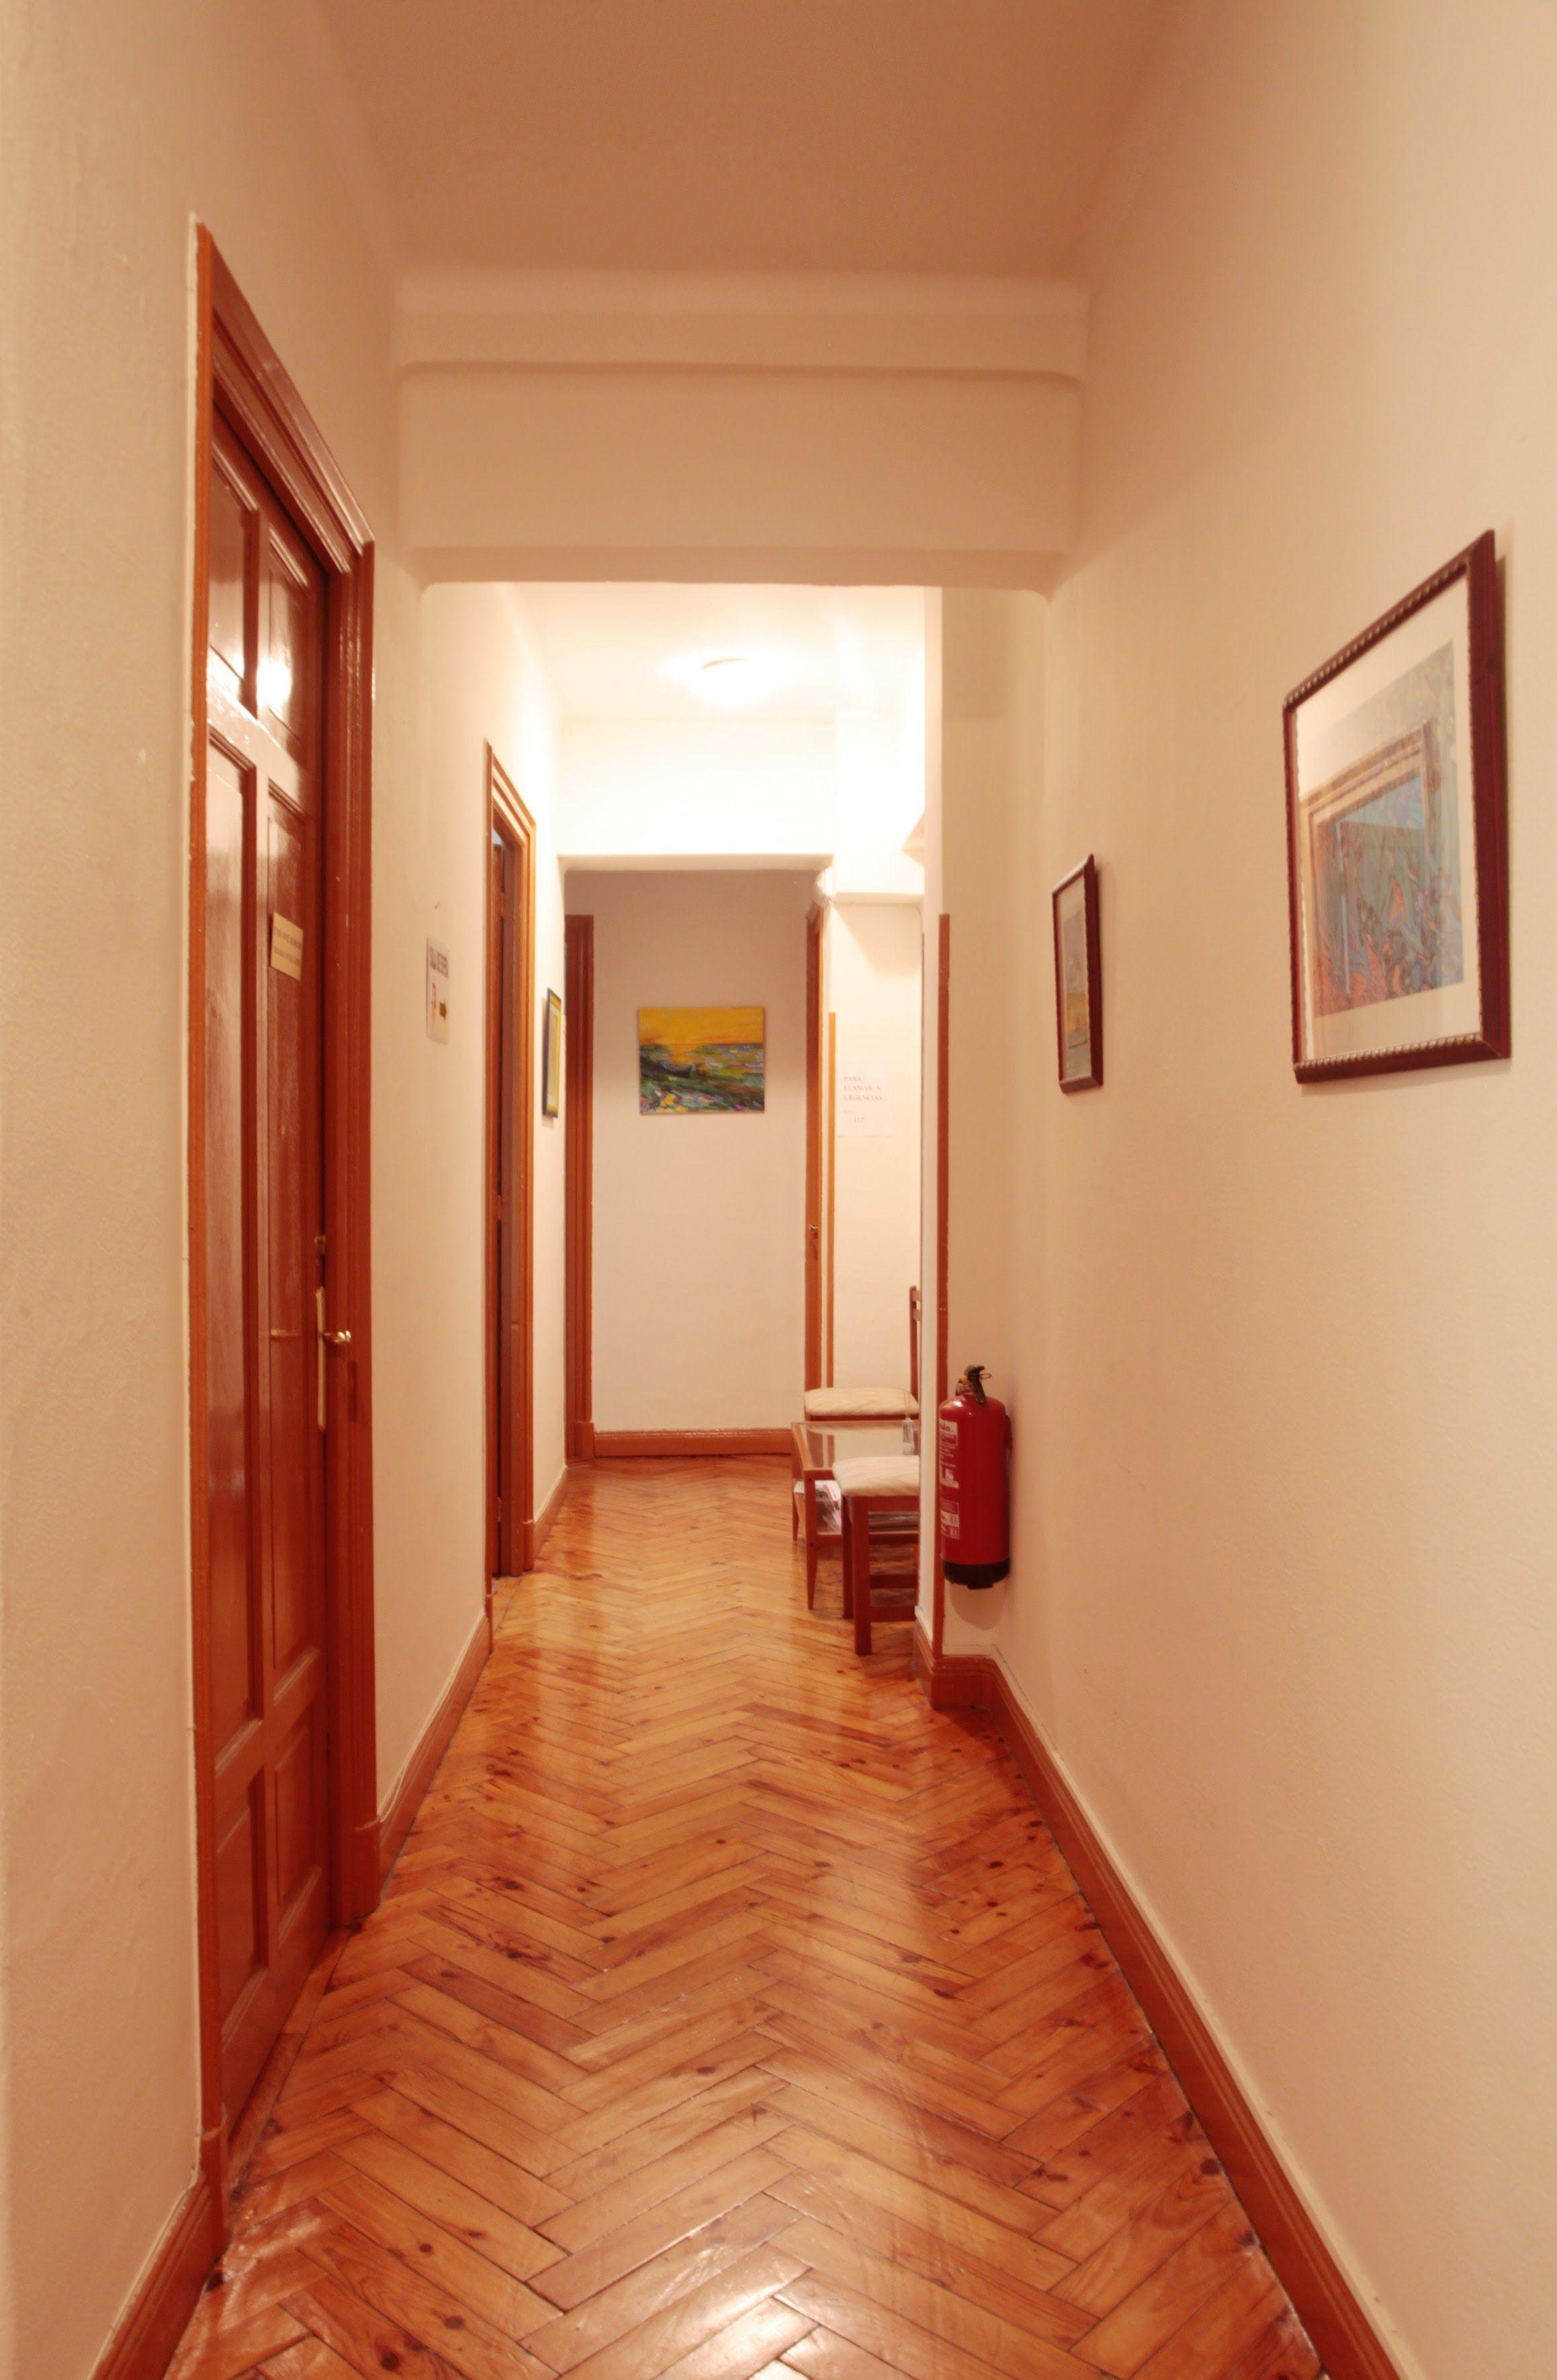 Foto 5 de Psicóloga en Pamplona | Psicóloga Rosa Páez